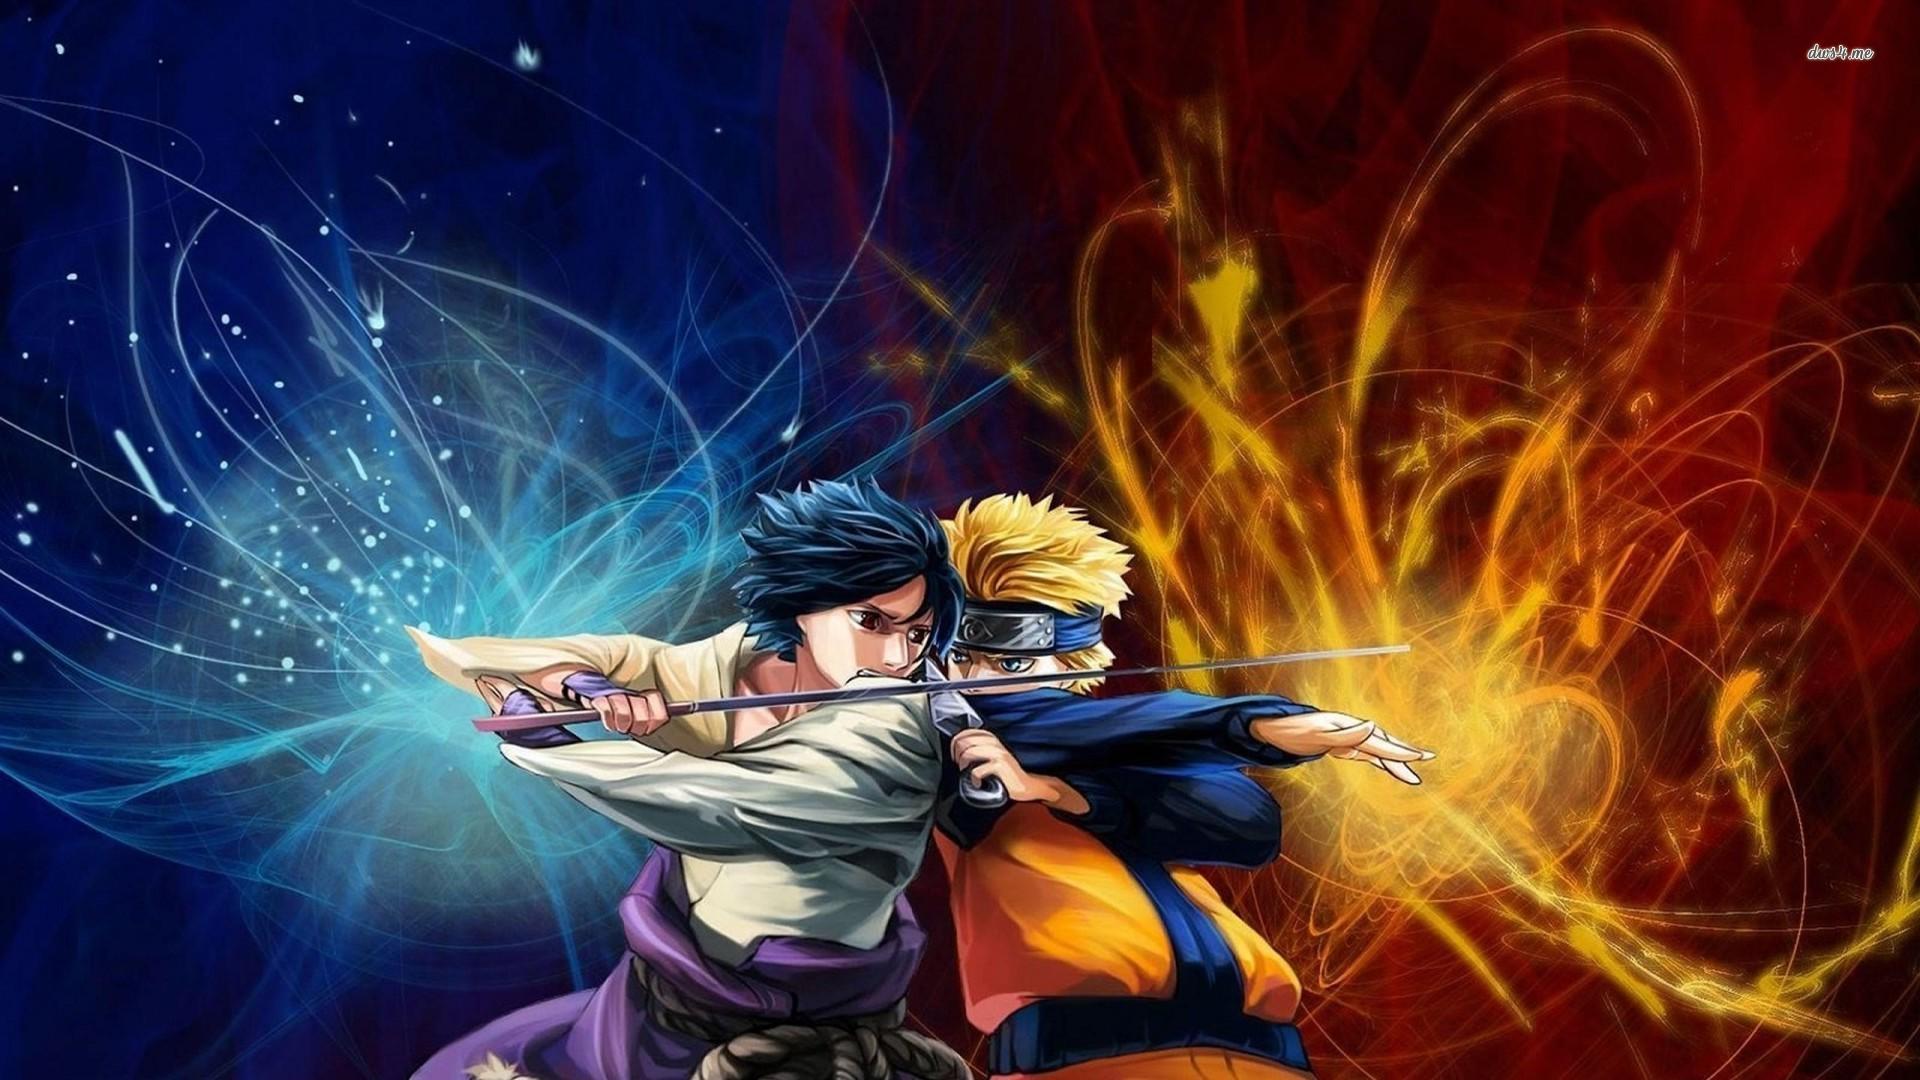 Naruto Shippuden Vs Sasuke Uchiha Wallpaper HD 1920x1080 518 1920x1080